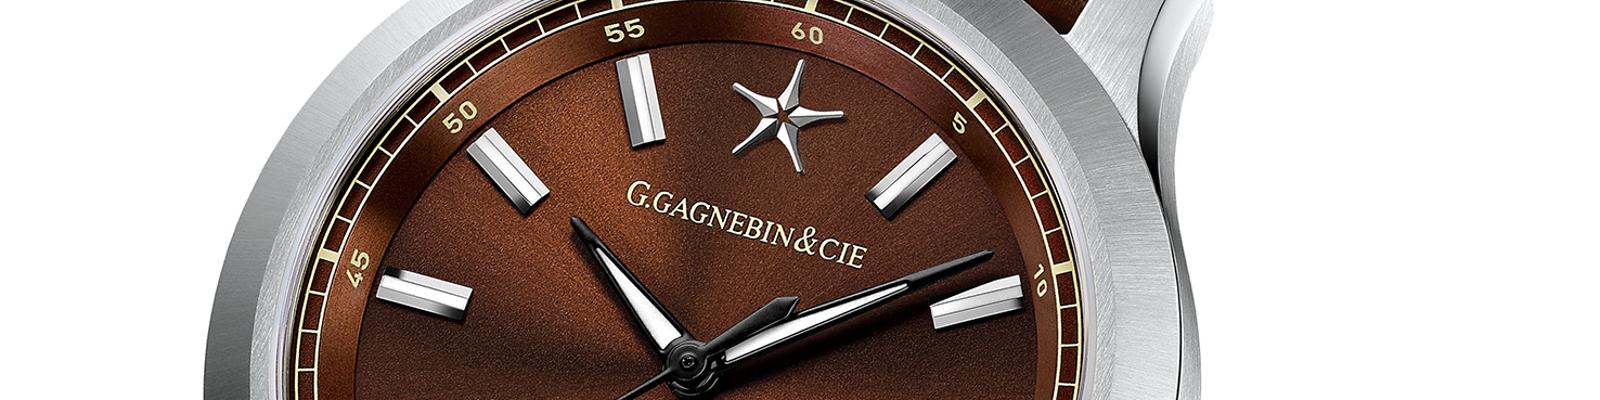 Gagnebin Slide 03